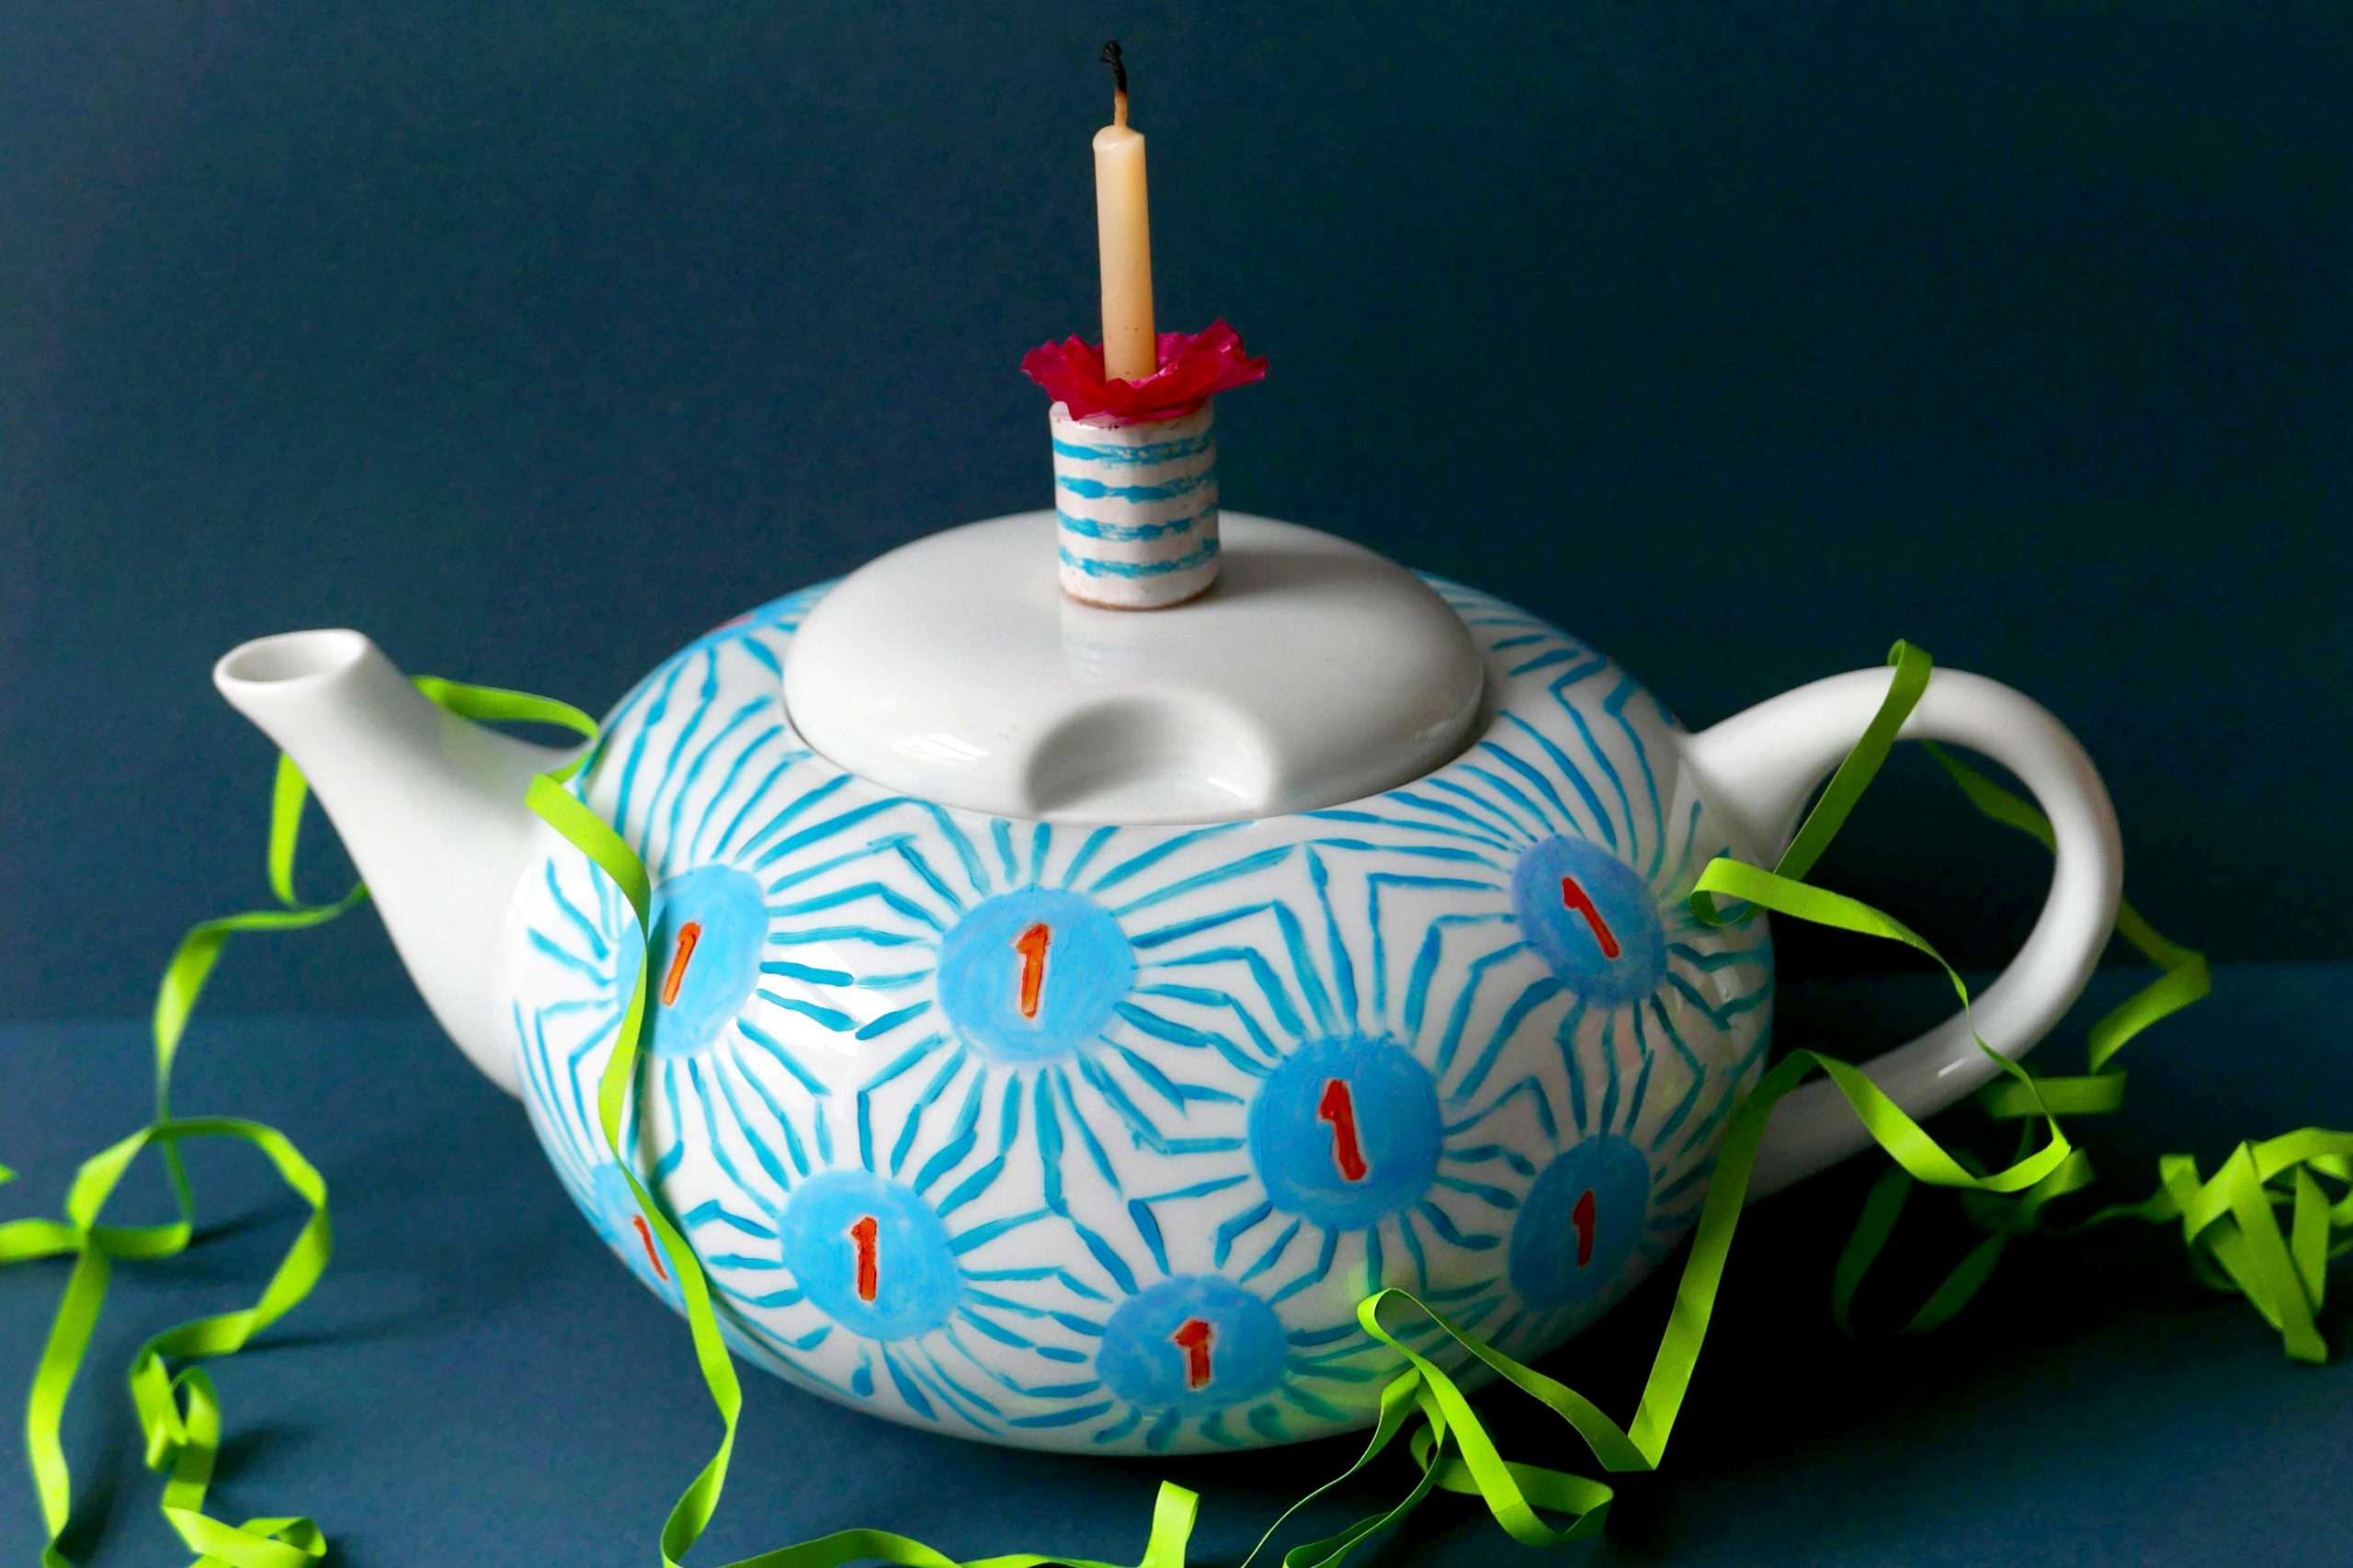 Teekanne Victim Pot Nr. 16 zum ersten Geburtstag mit Kerze